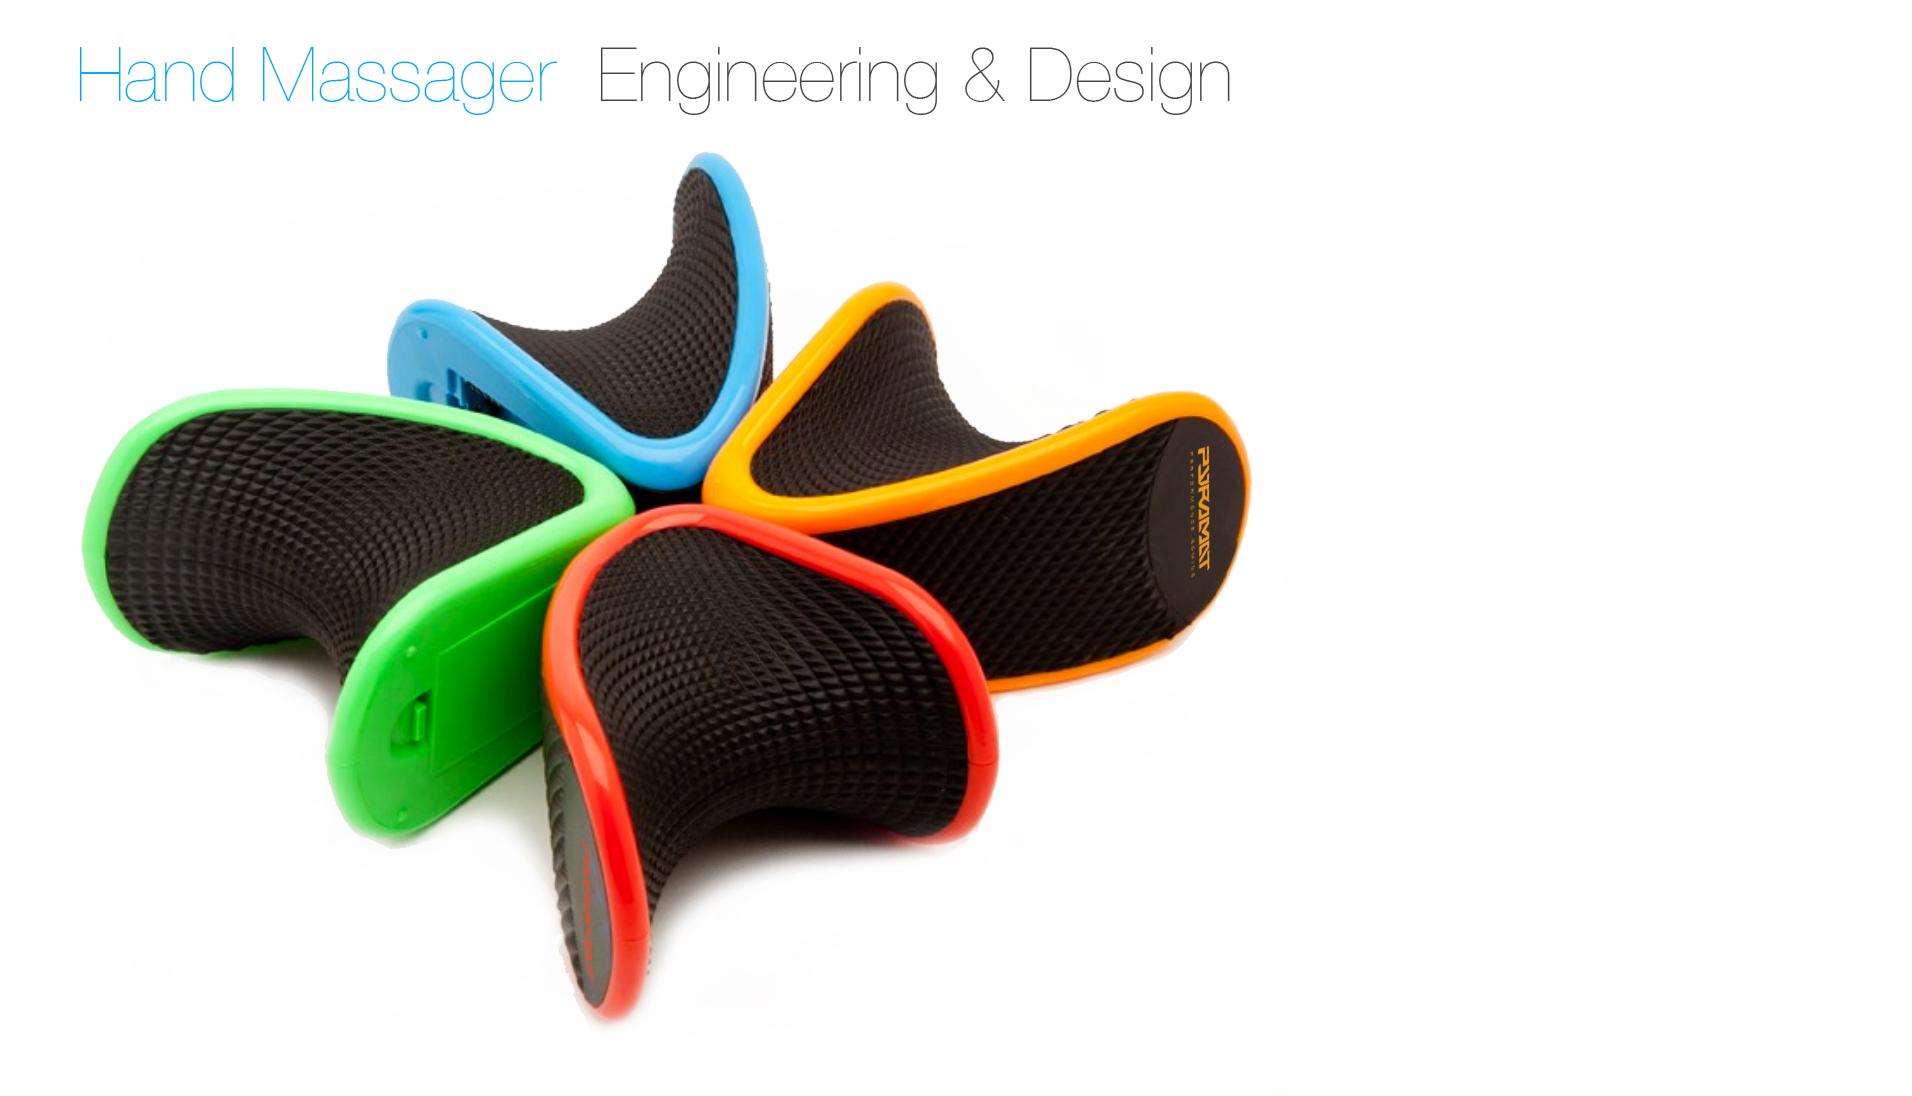 Project Slide Images Massager5.jpg